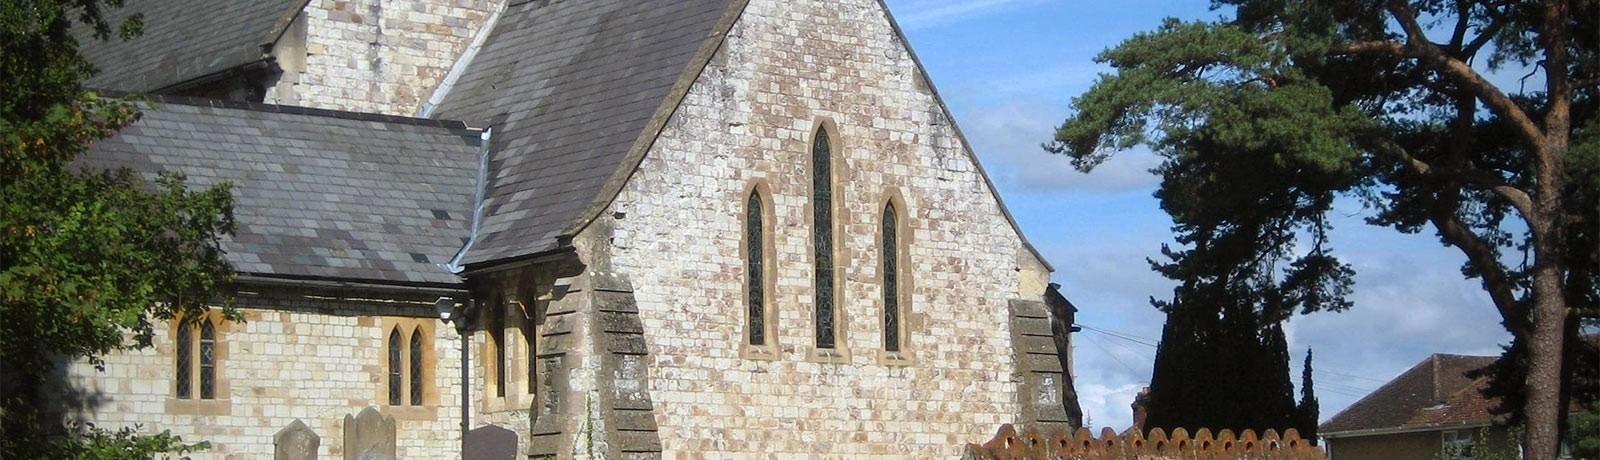 church-slider-outside